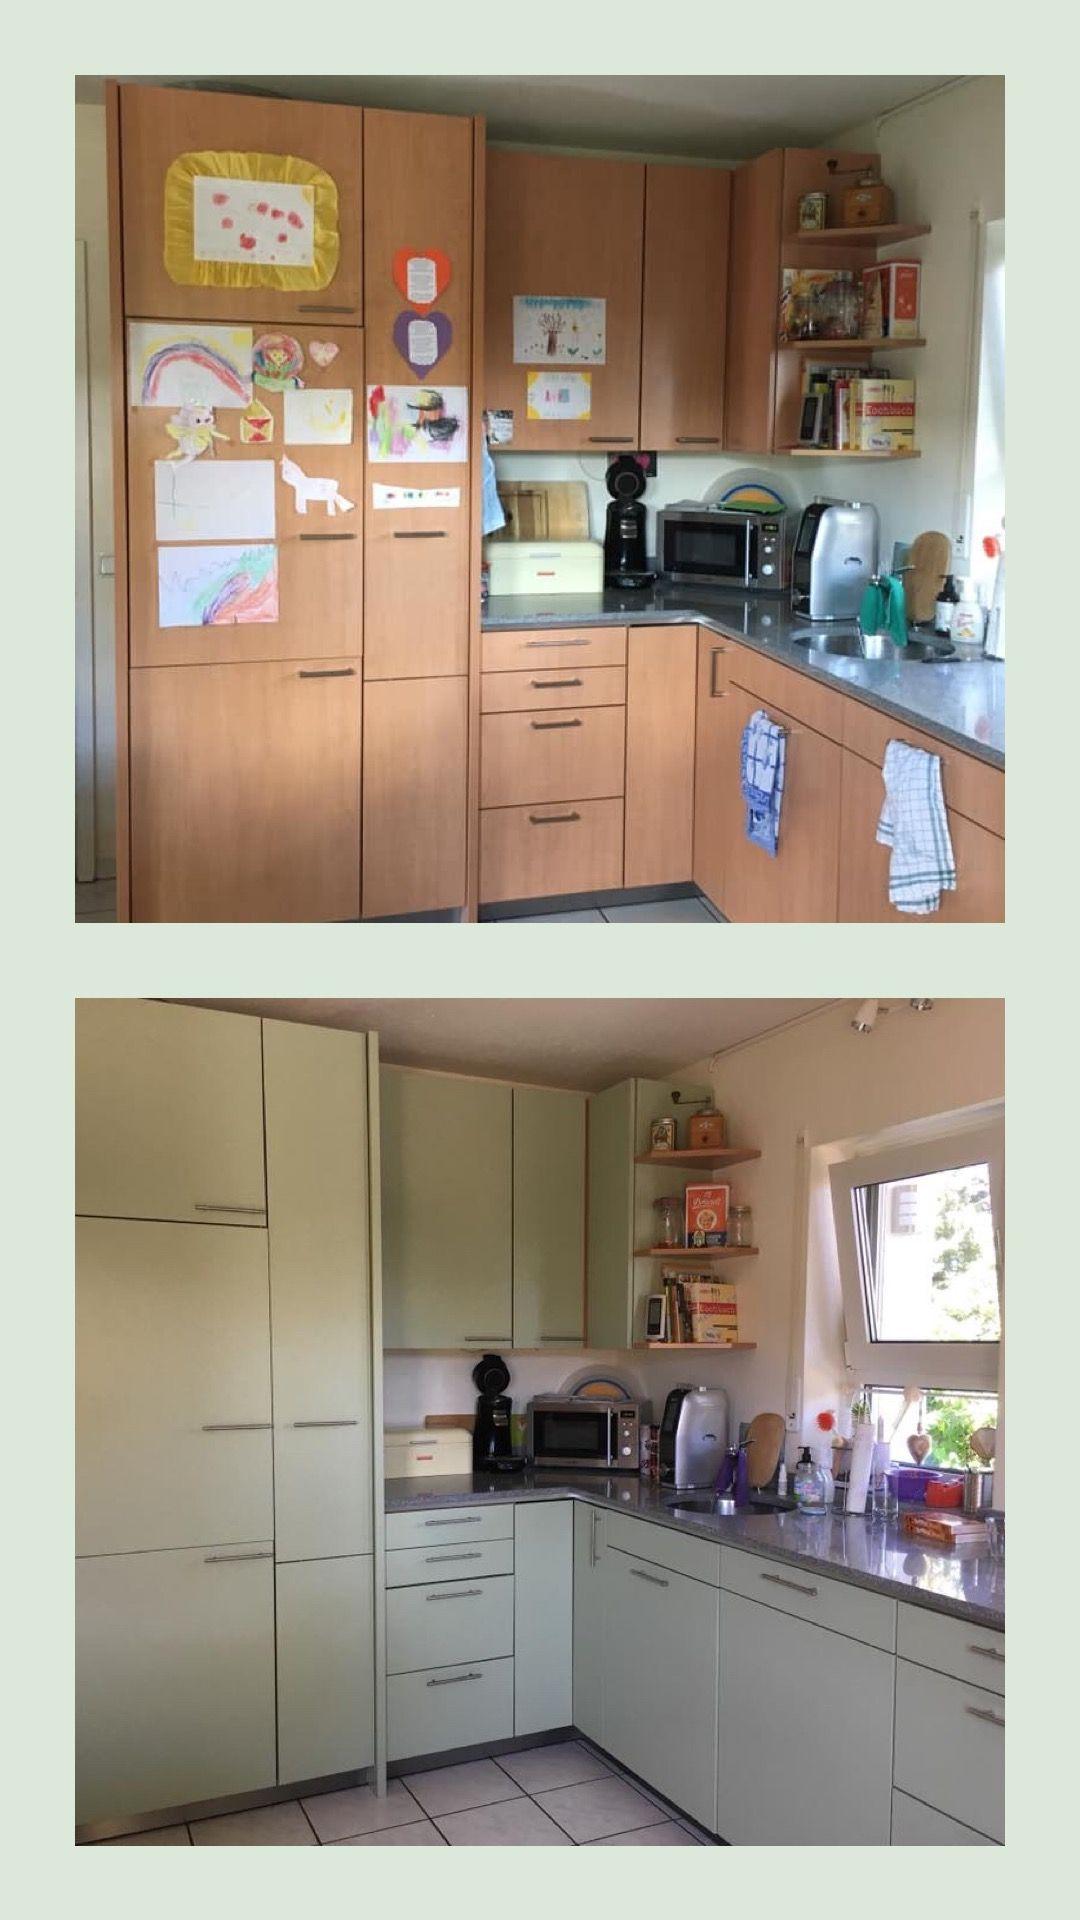 Küche Streichen Mit Kreidefarbe Und Kreidelacken Misspompadour Küchen Streichen Umbau Kleiner Küche Küchenumbau